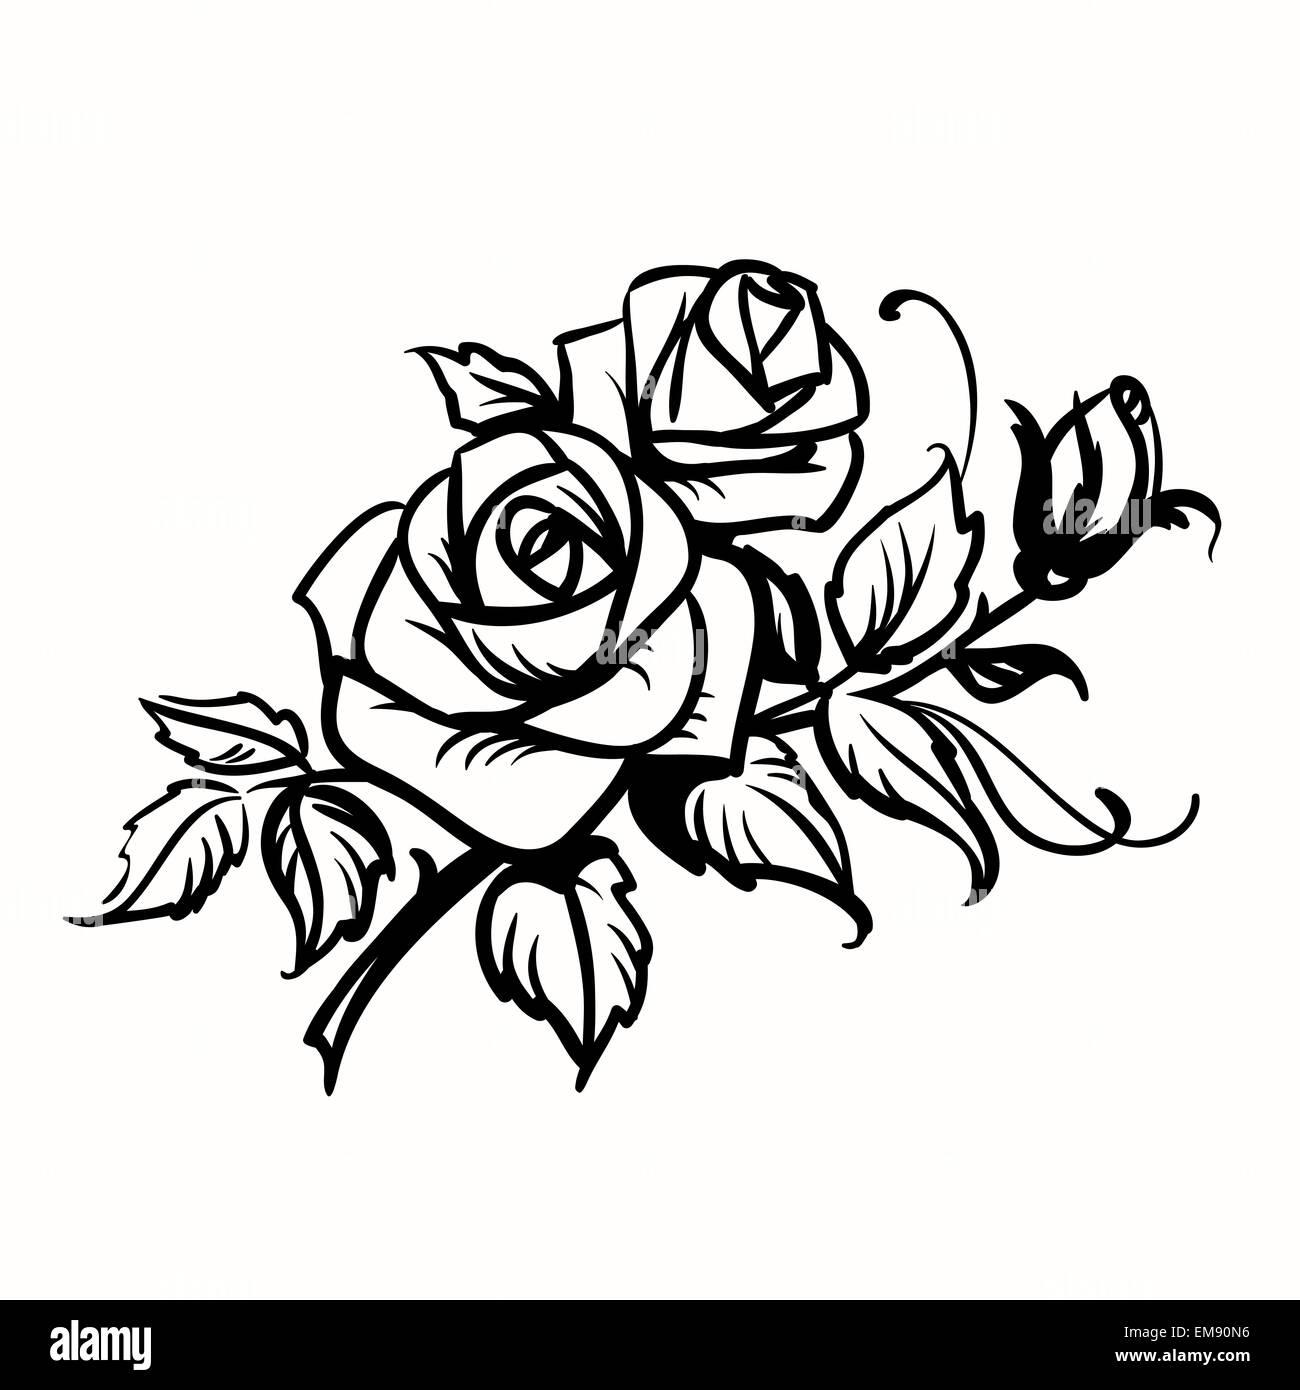 Le Rose Contorno Nero Disegno Su Sfondo Bianco Illustrazione